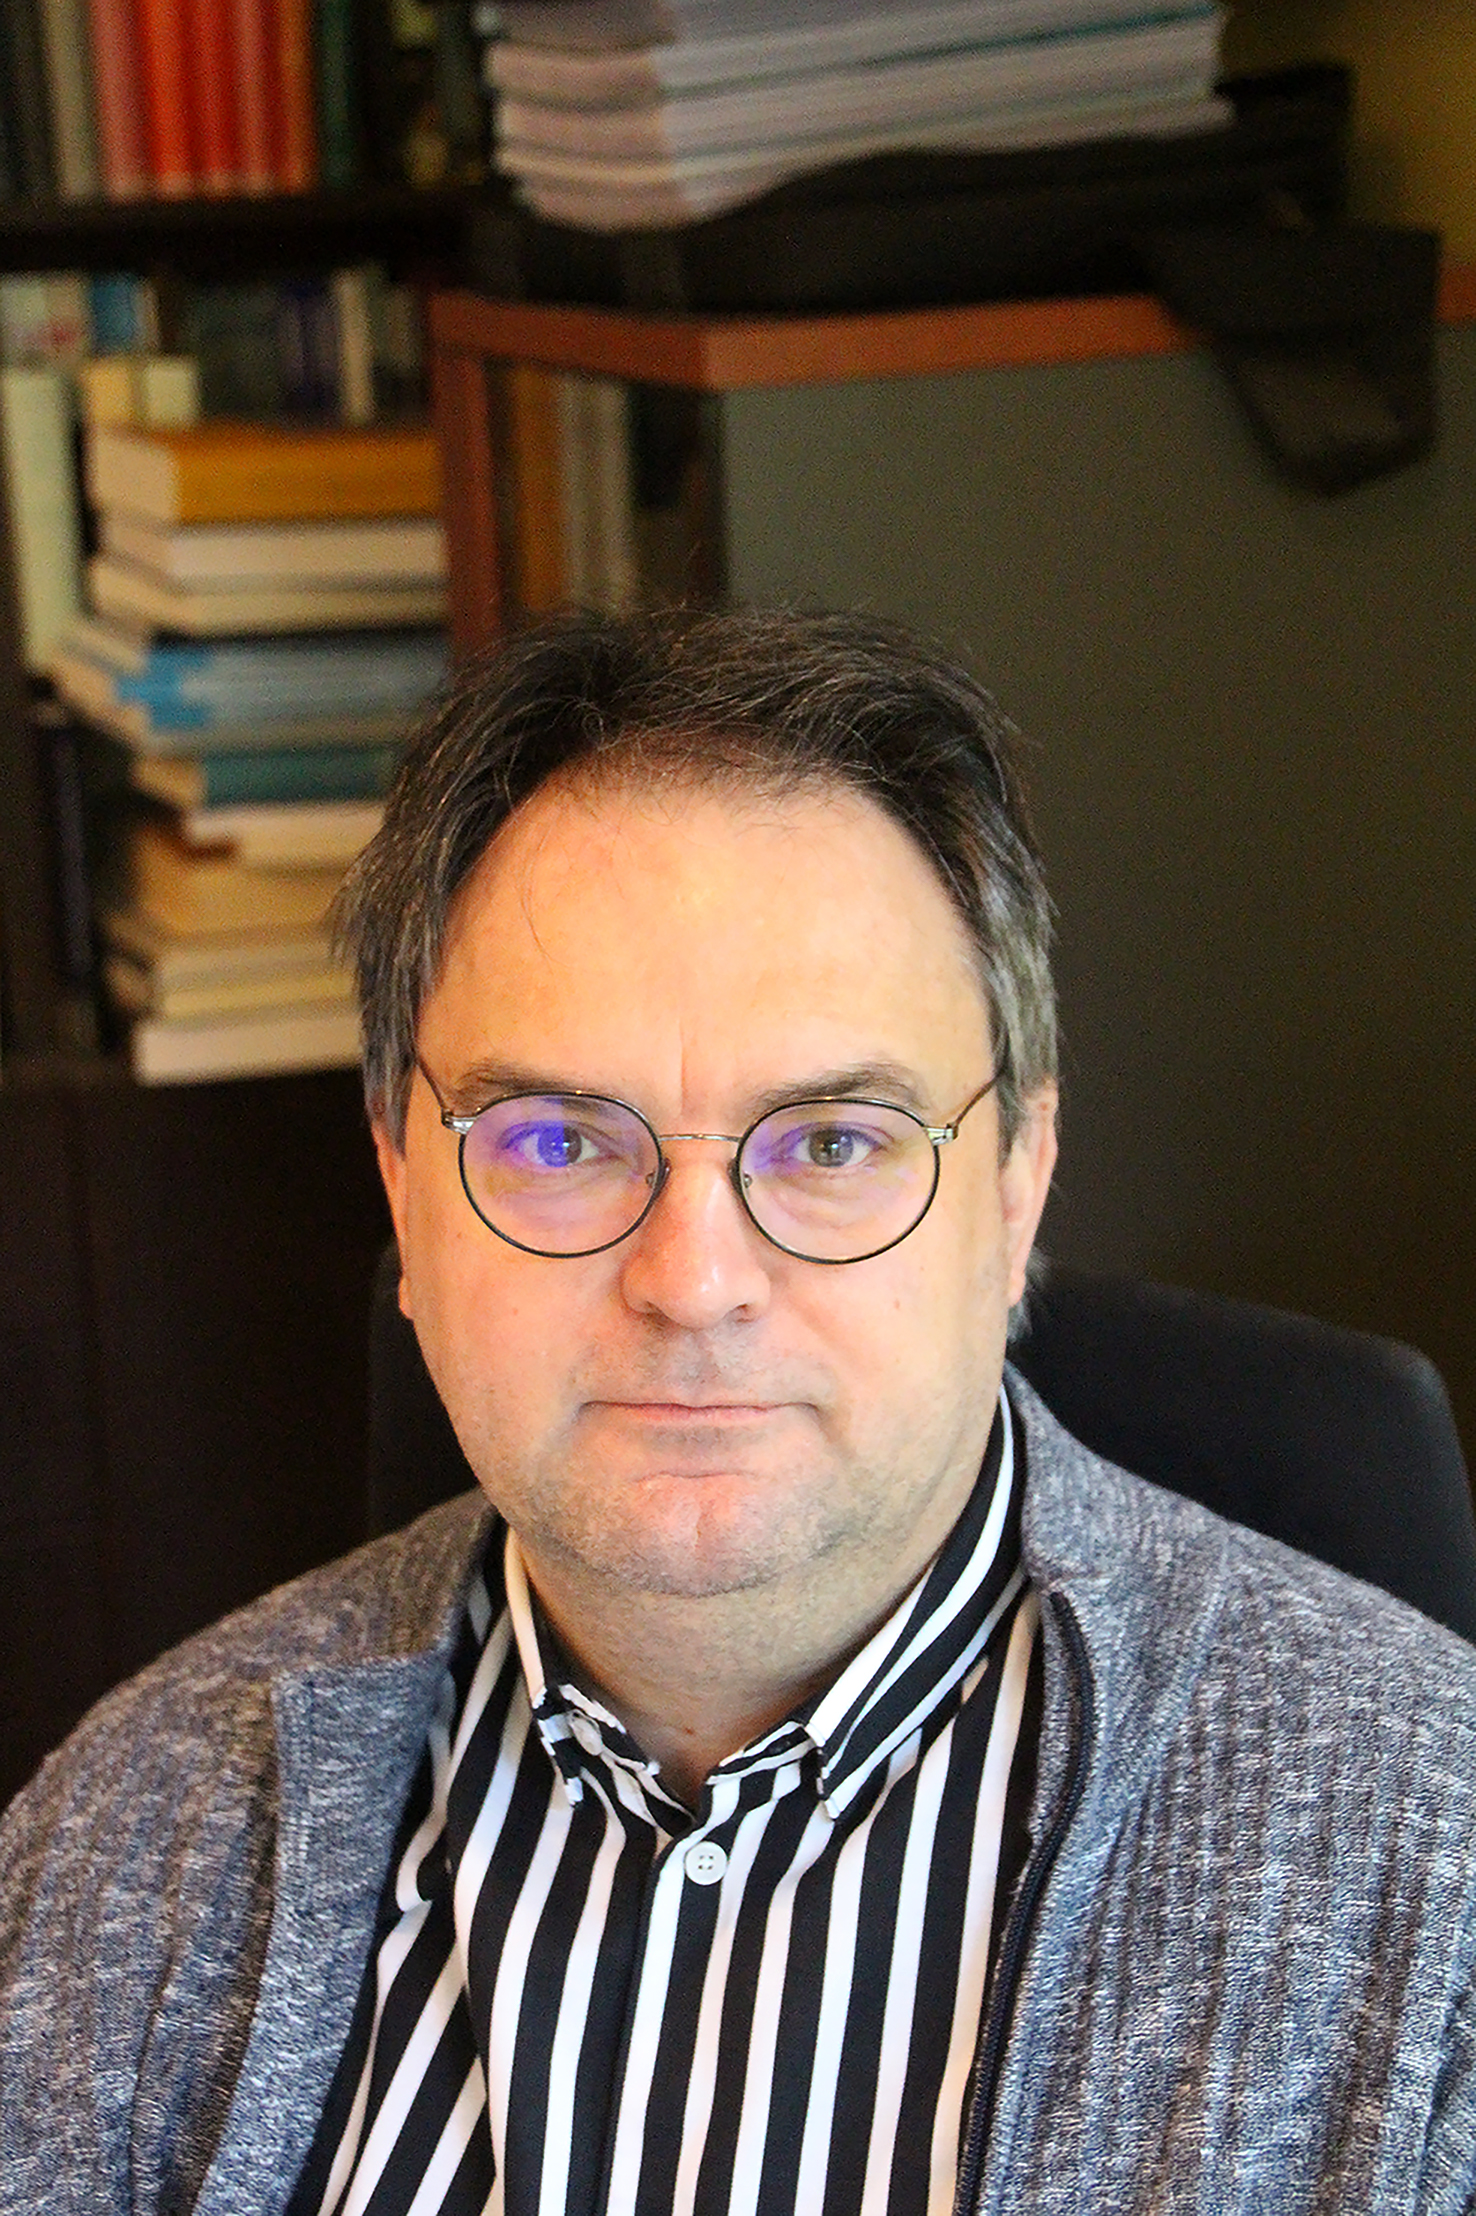 Professor Gerd Van Riel